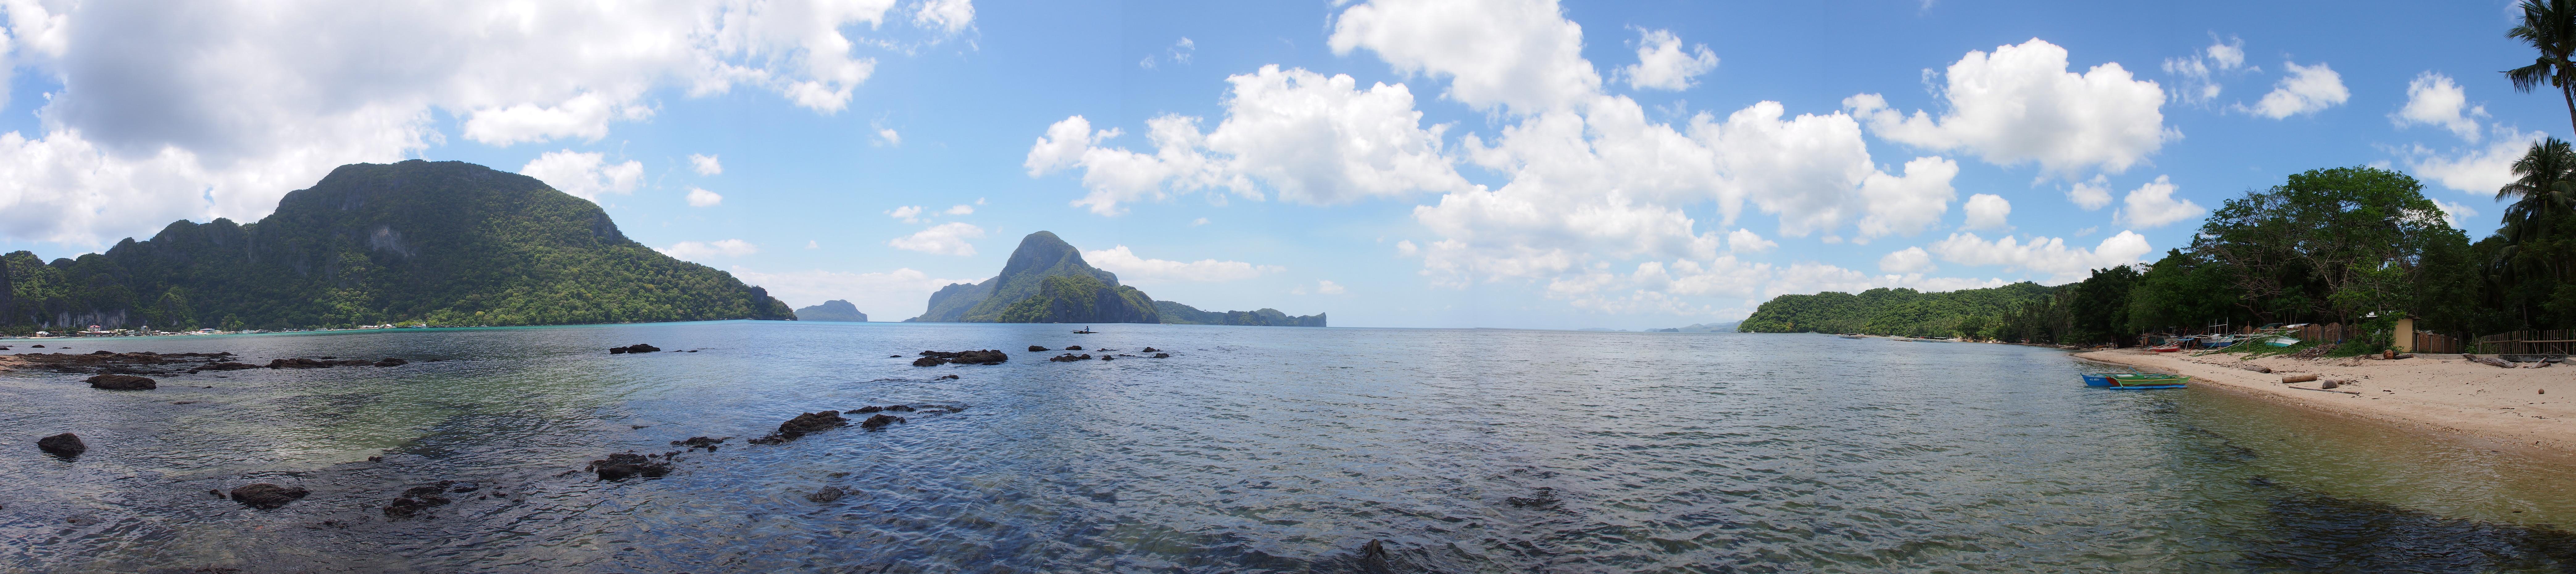 P4141266 Pano el Nido Palawan Filipinas Vagamundos 2012